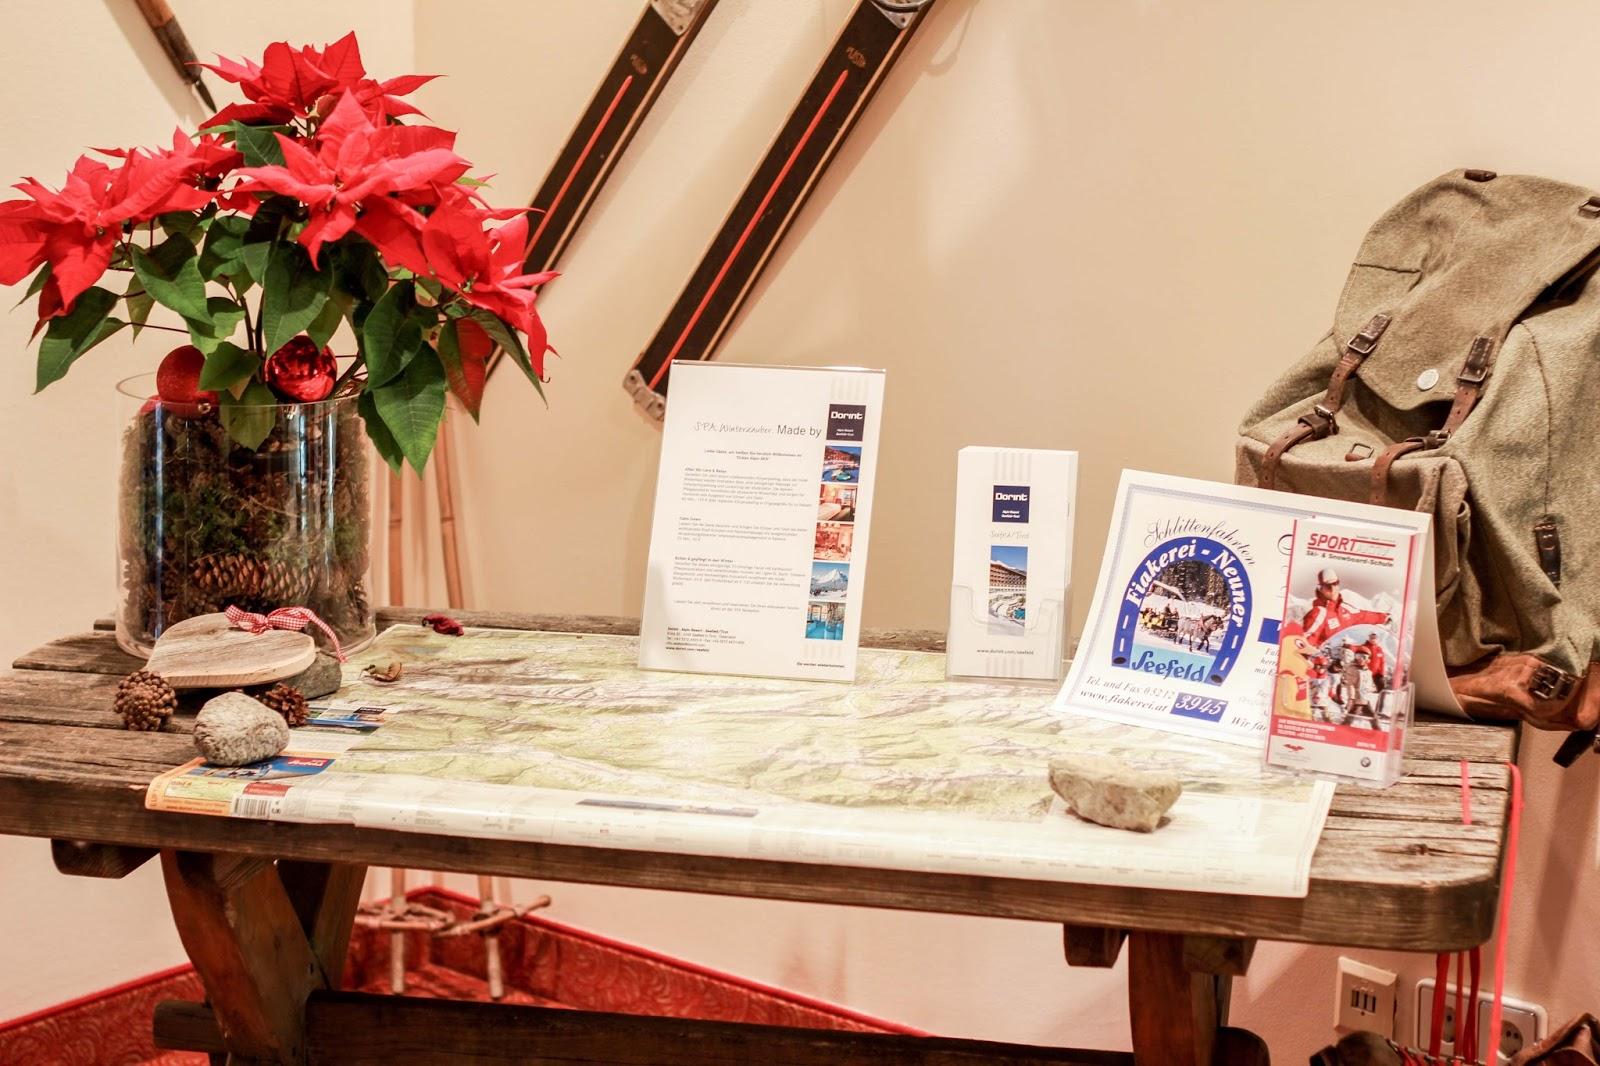 Blogger Reiseblogger Travelblogger Fashionblogger Blog Reise Blog  Fashion Fashionblog Fashionstylebyjohanna Urlaub Urlaubsempfehlung Reisebericht Dorint Dorint Spa Hotels Dorint Spa Hotel Seefels Fashionblogger im Urlaub Style Outfitinspiration Dorint Alpin Resort Seefeld Fashionblogger Deutsche Fashionblogger Berge Seefeld Bloggerin Deutschlands